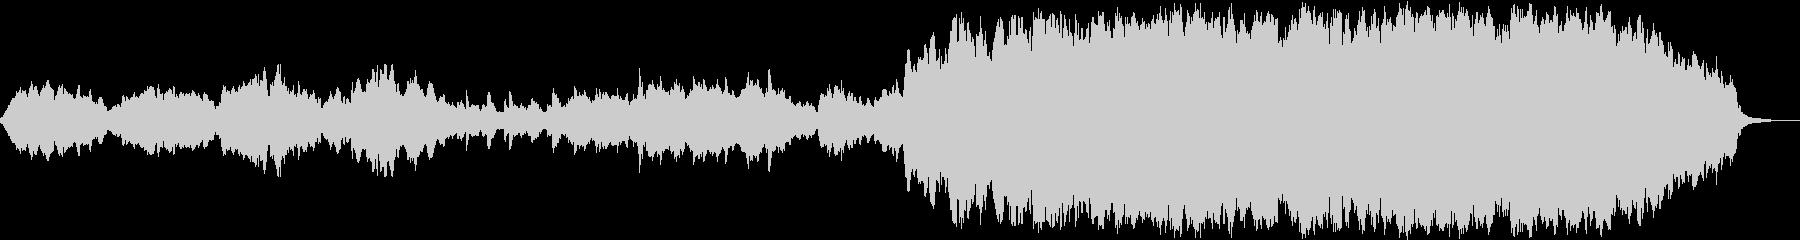 オーケストラによるバラード小品の未再生の波形